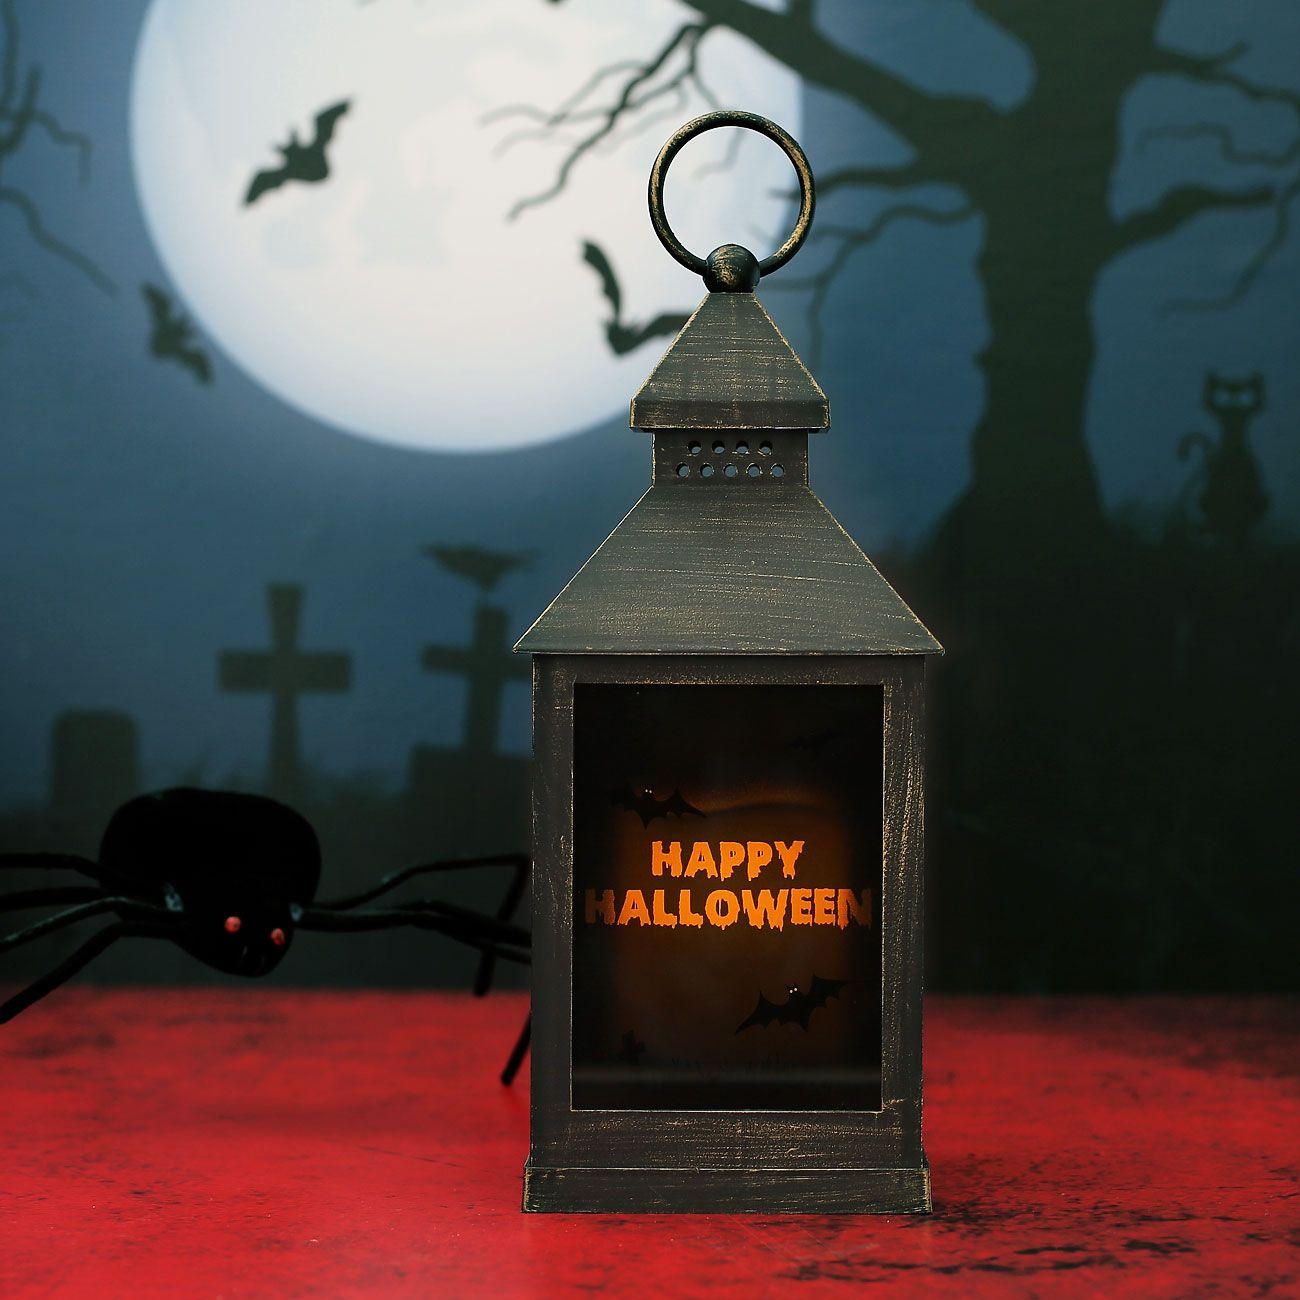 LED-Laterne zu Halloween mit persönlichem Druck